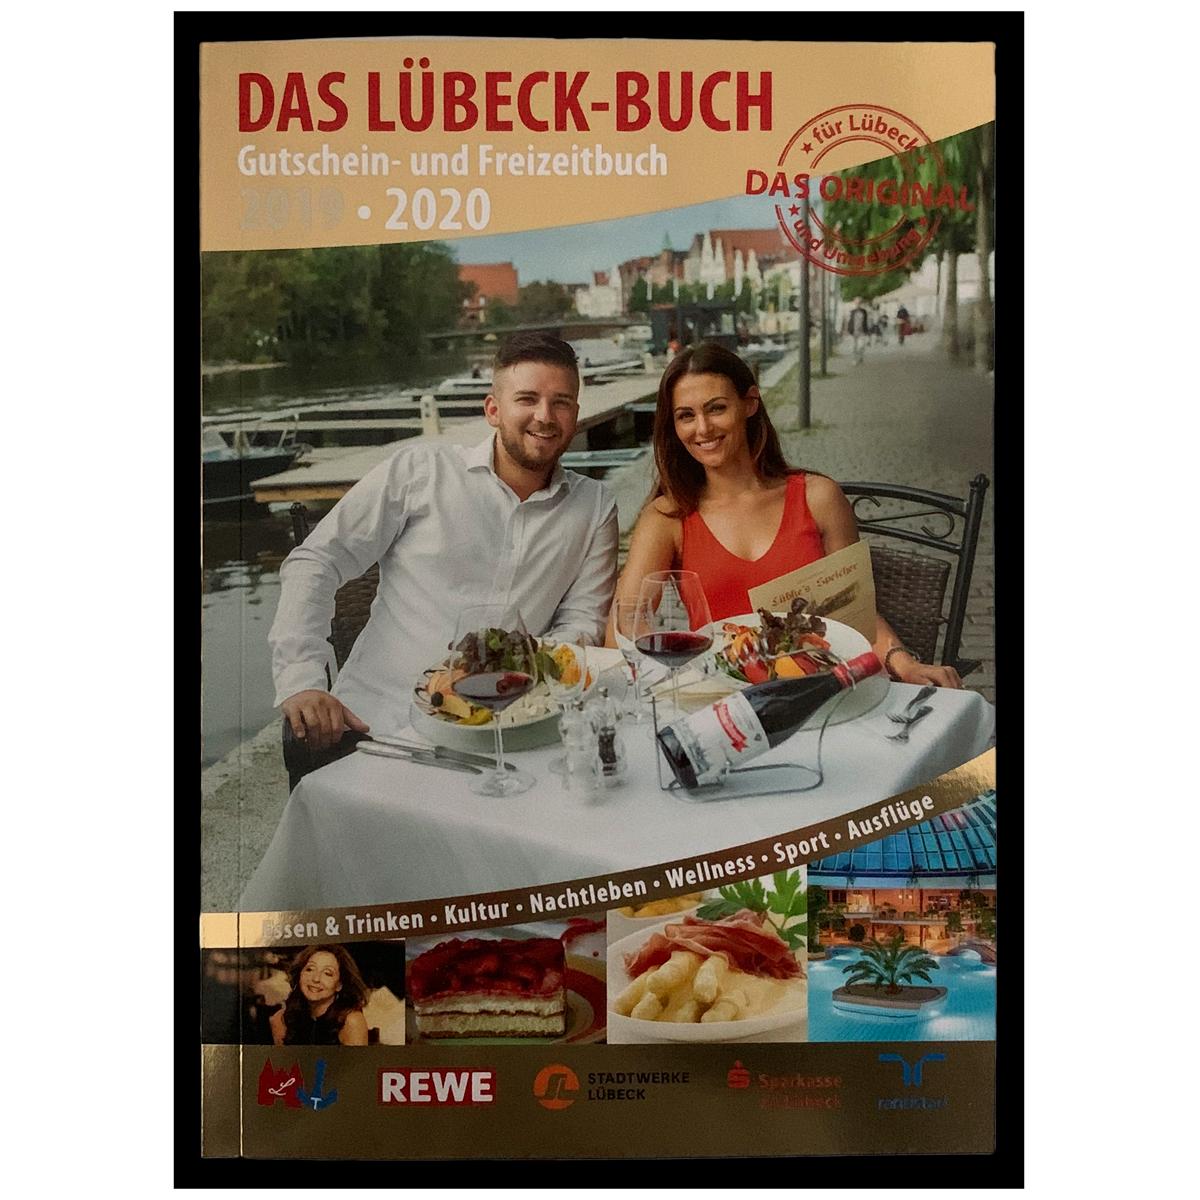 Das Lübeck-Buch 2019/20